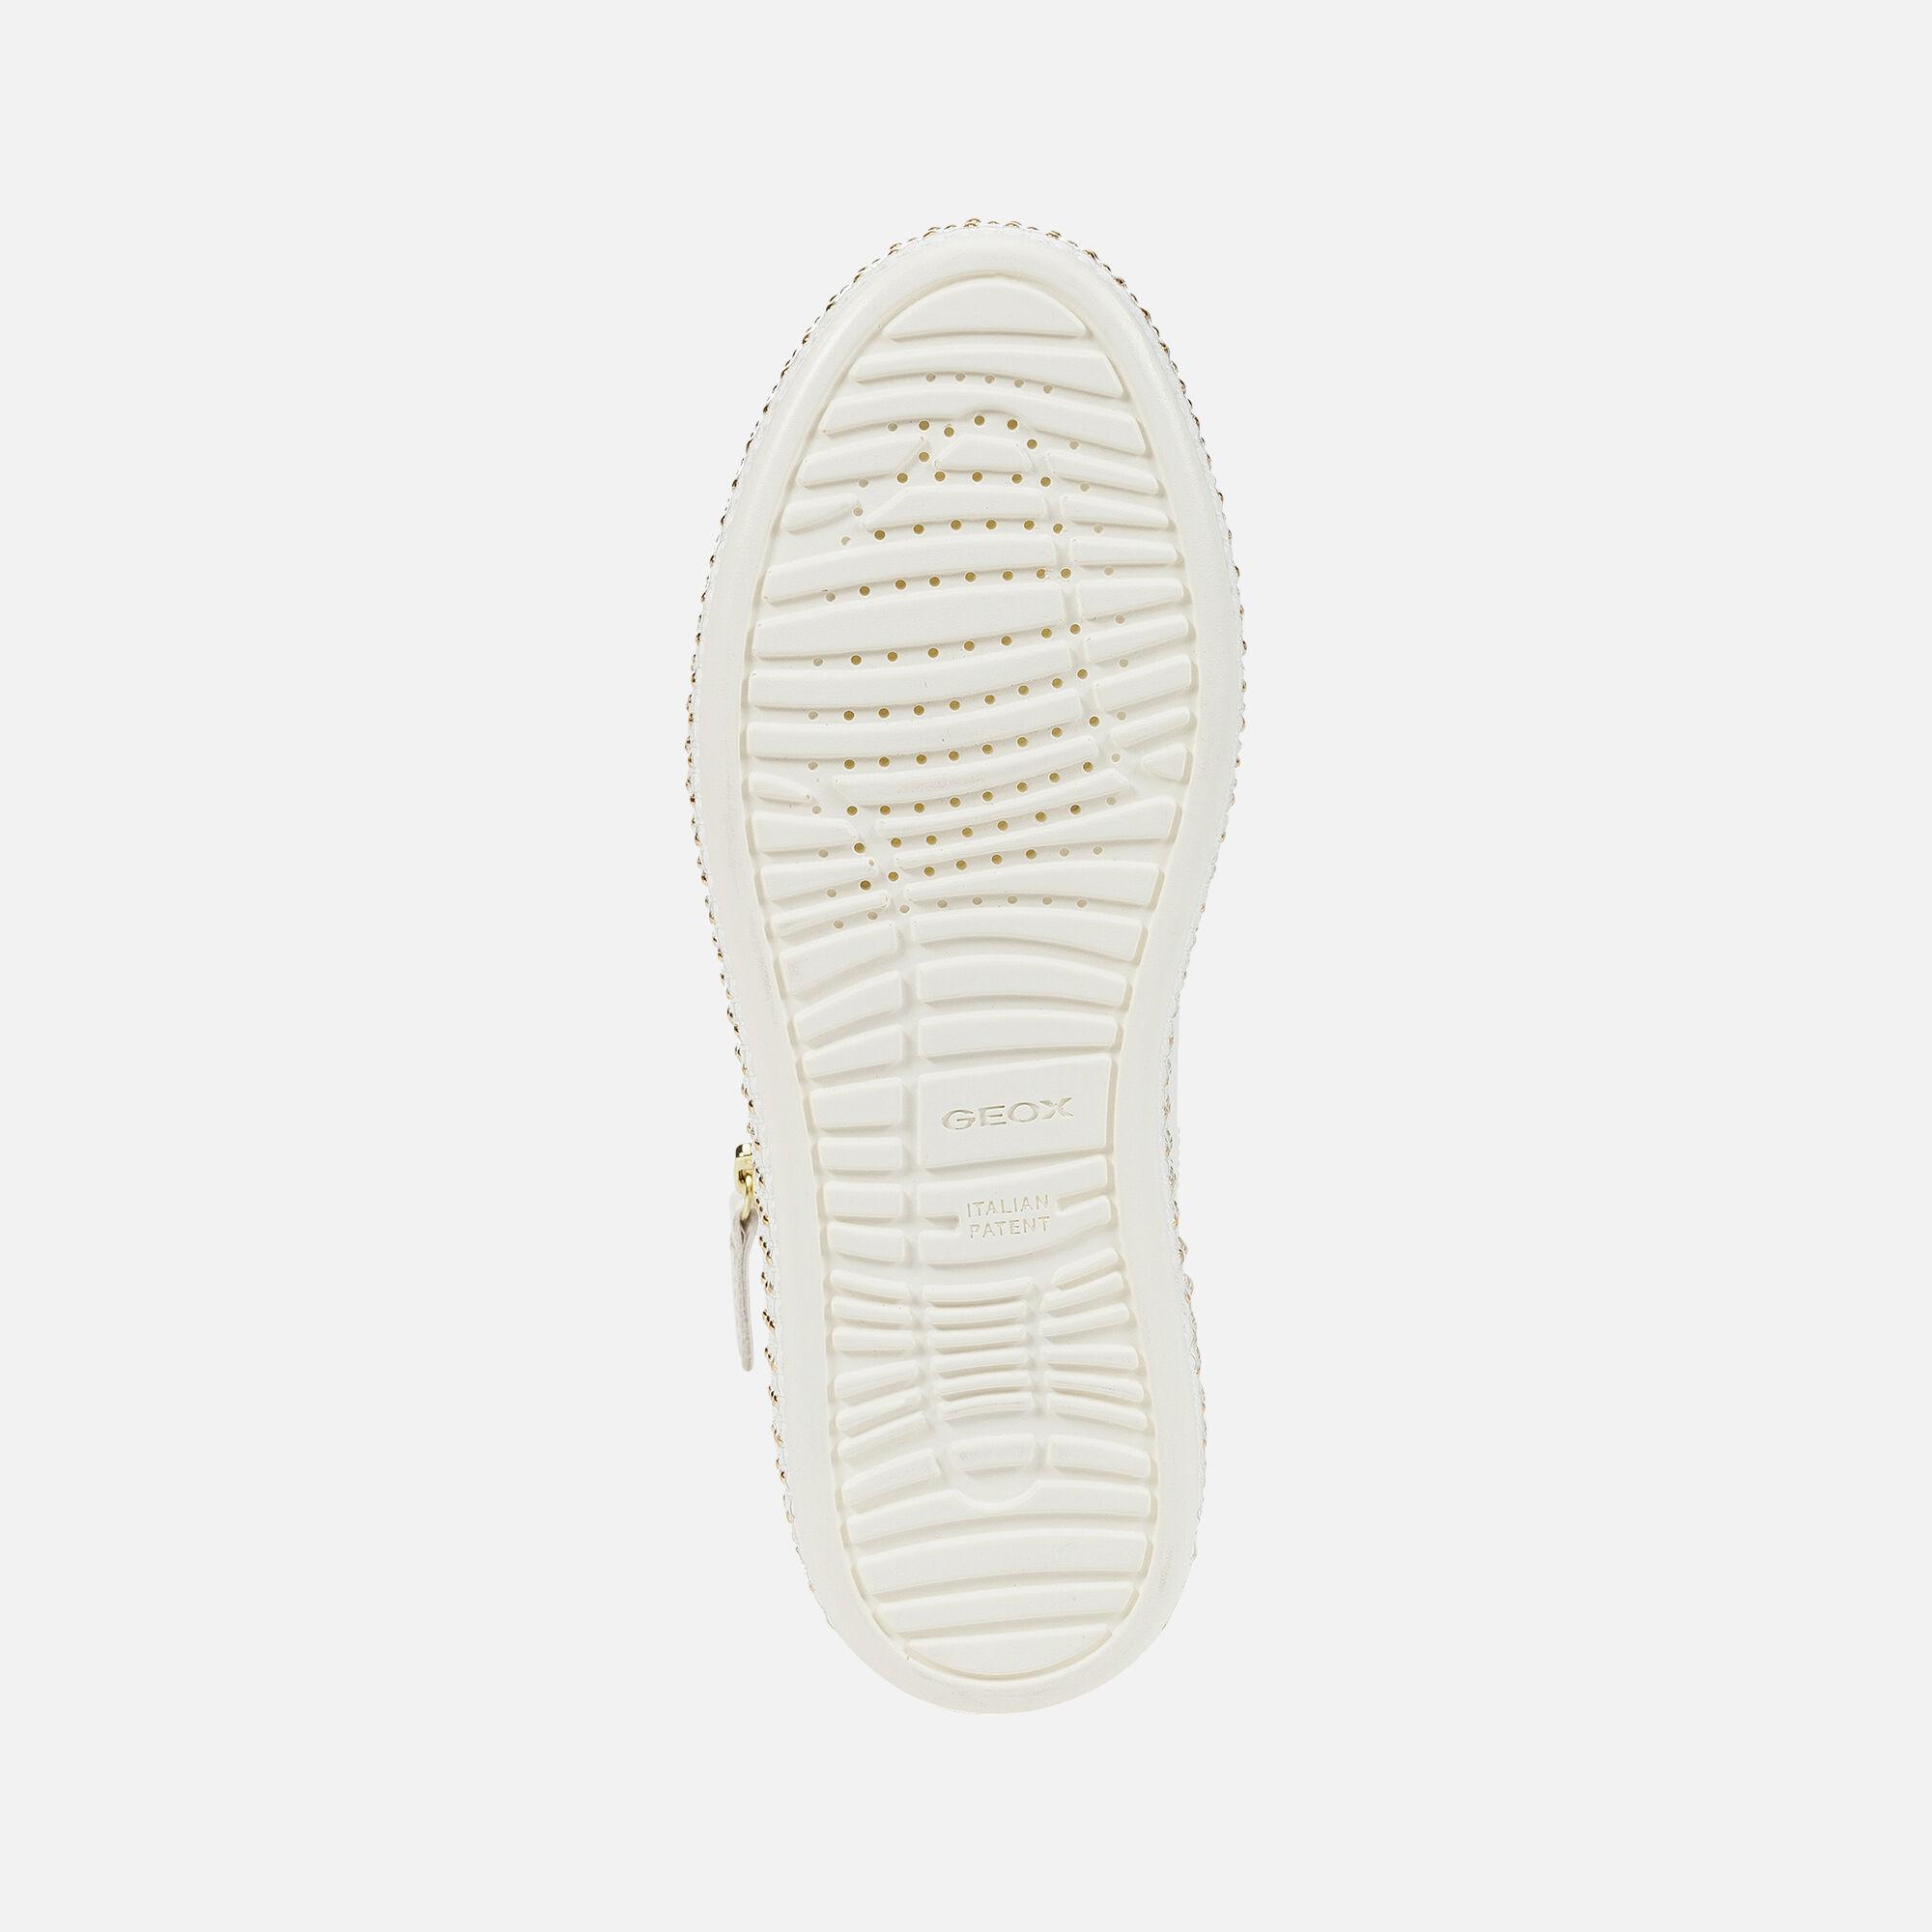 Geox® LEELU Woman SneakersGeox® Spring Summer